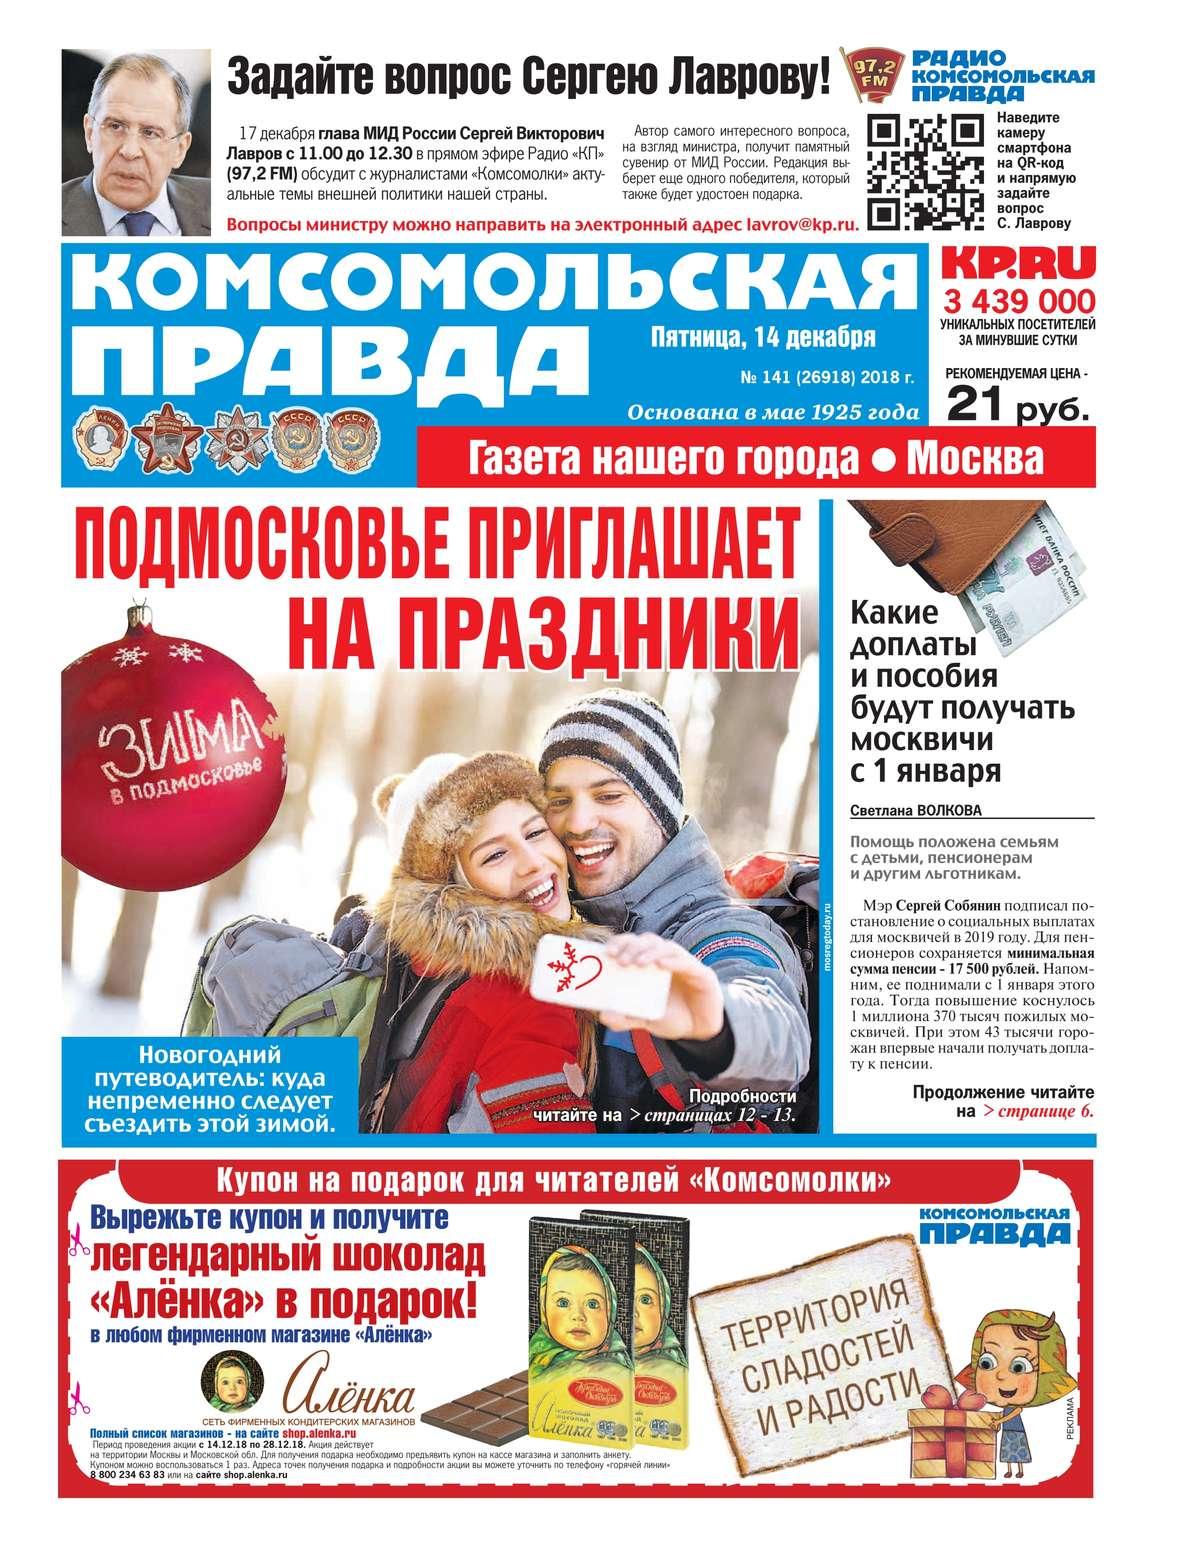 Комсомольская Правда. Москва 141-2018